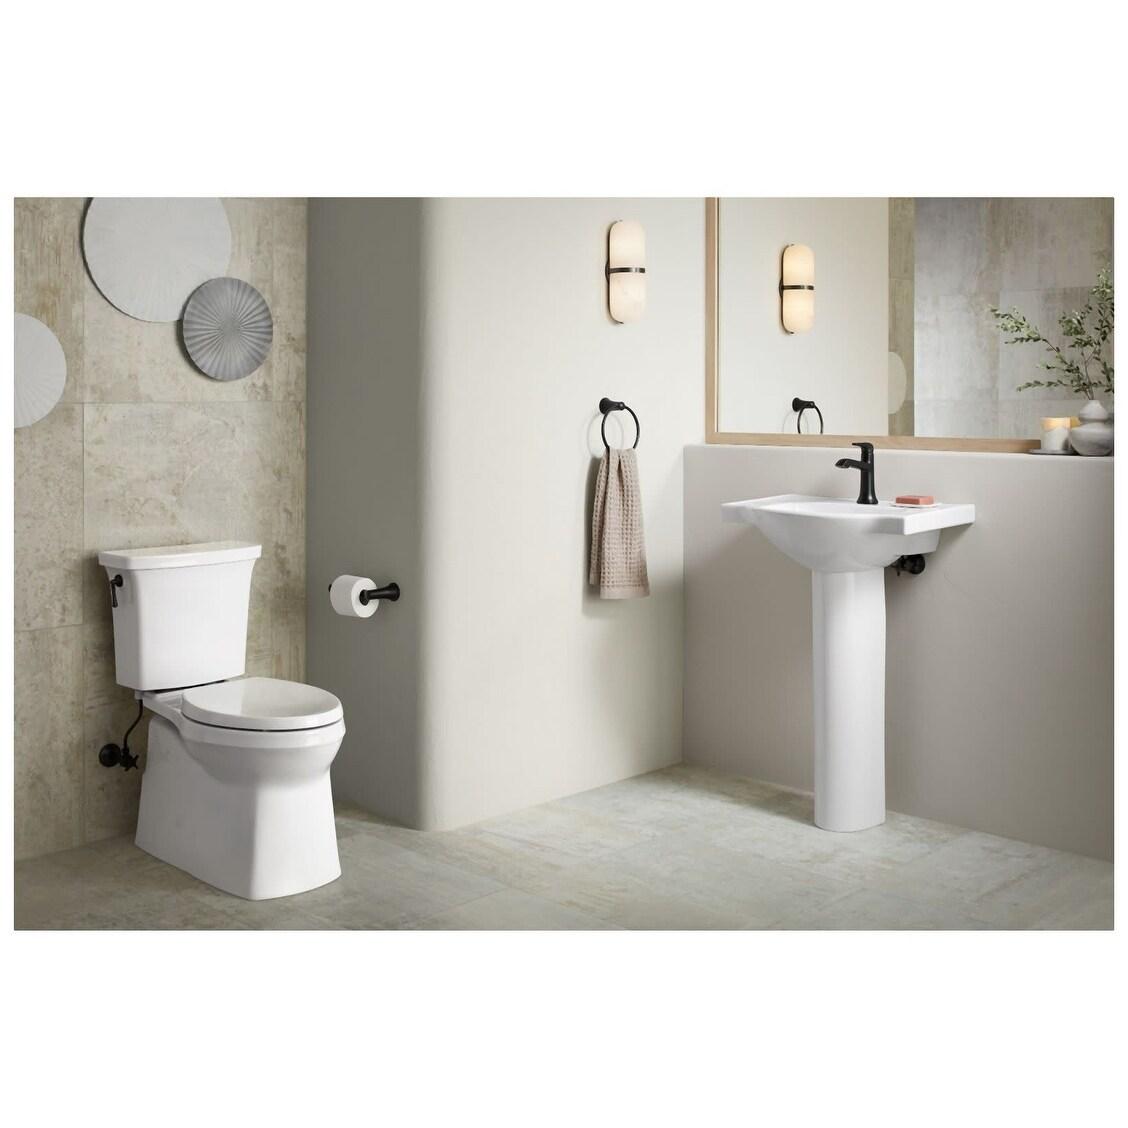 kohler k 5248 1 veer 24 pedestal bathroom sink only with one hole